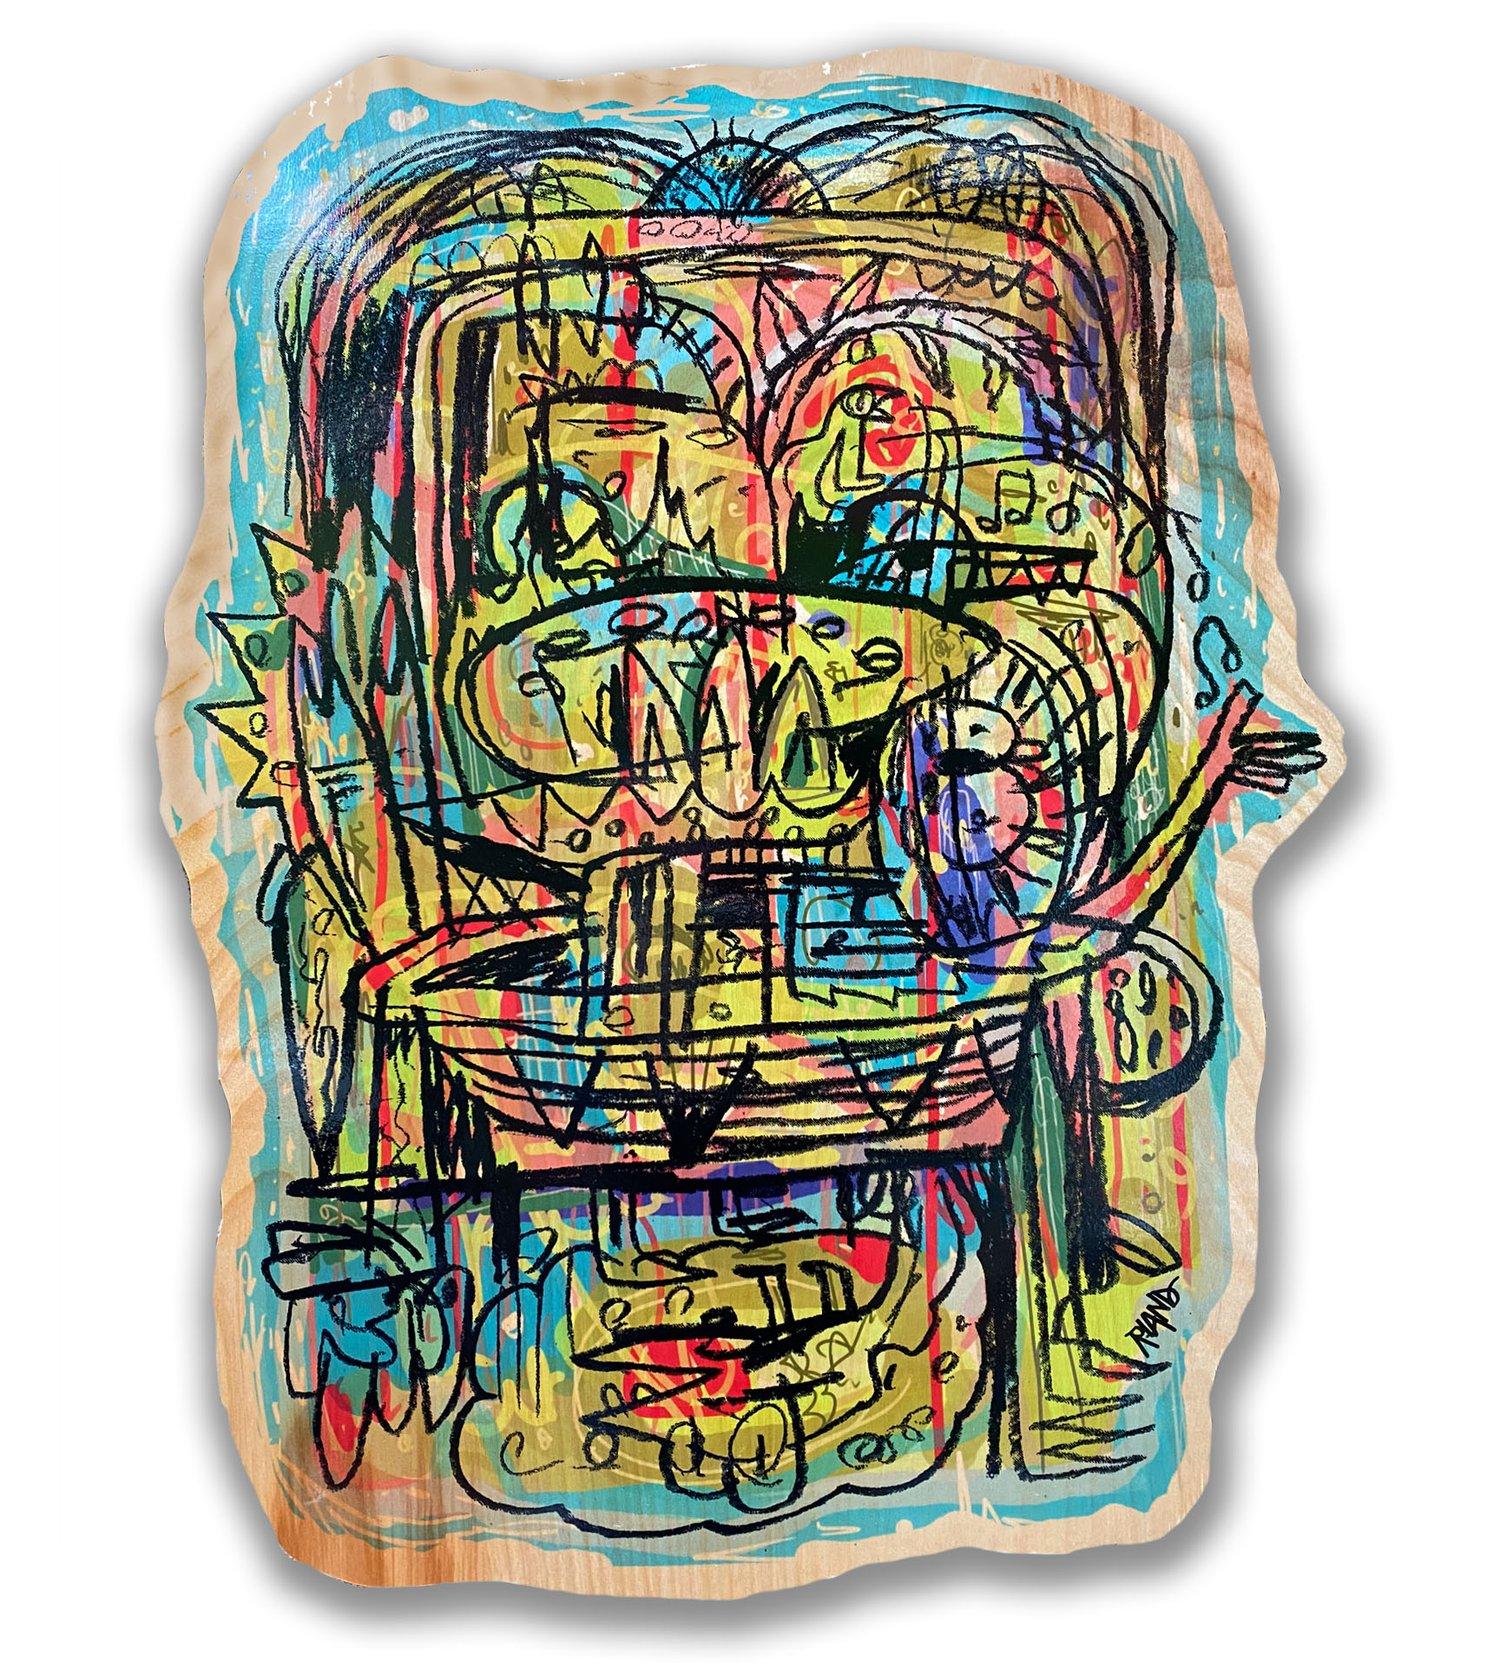 Image of Sketchbook Series #2  Print on Wood-Cutout Version